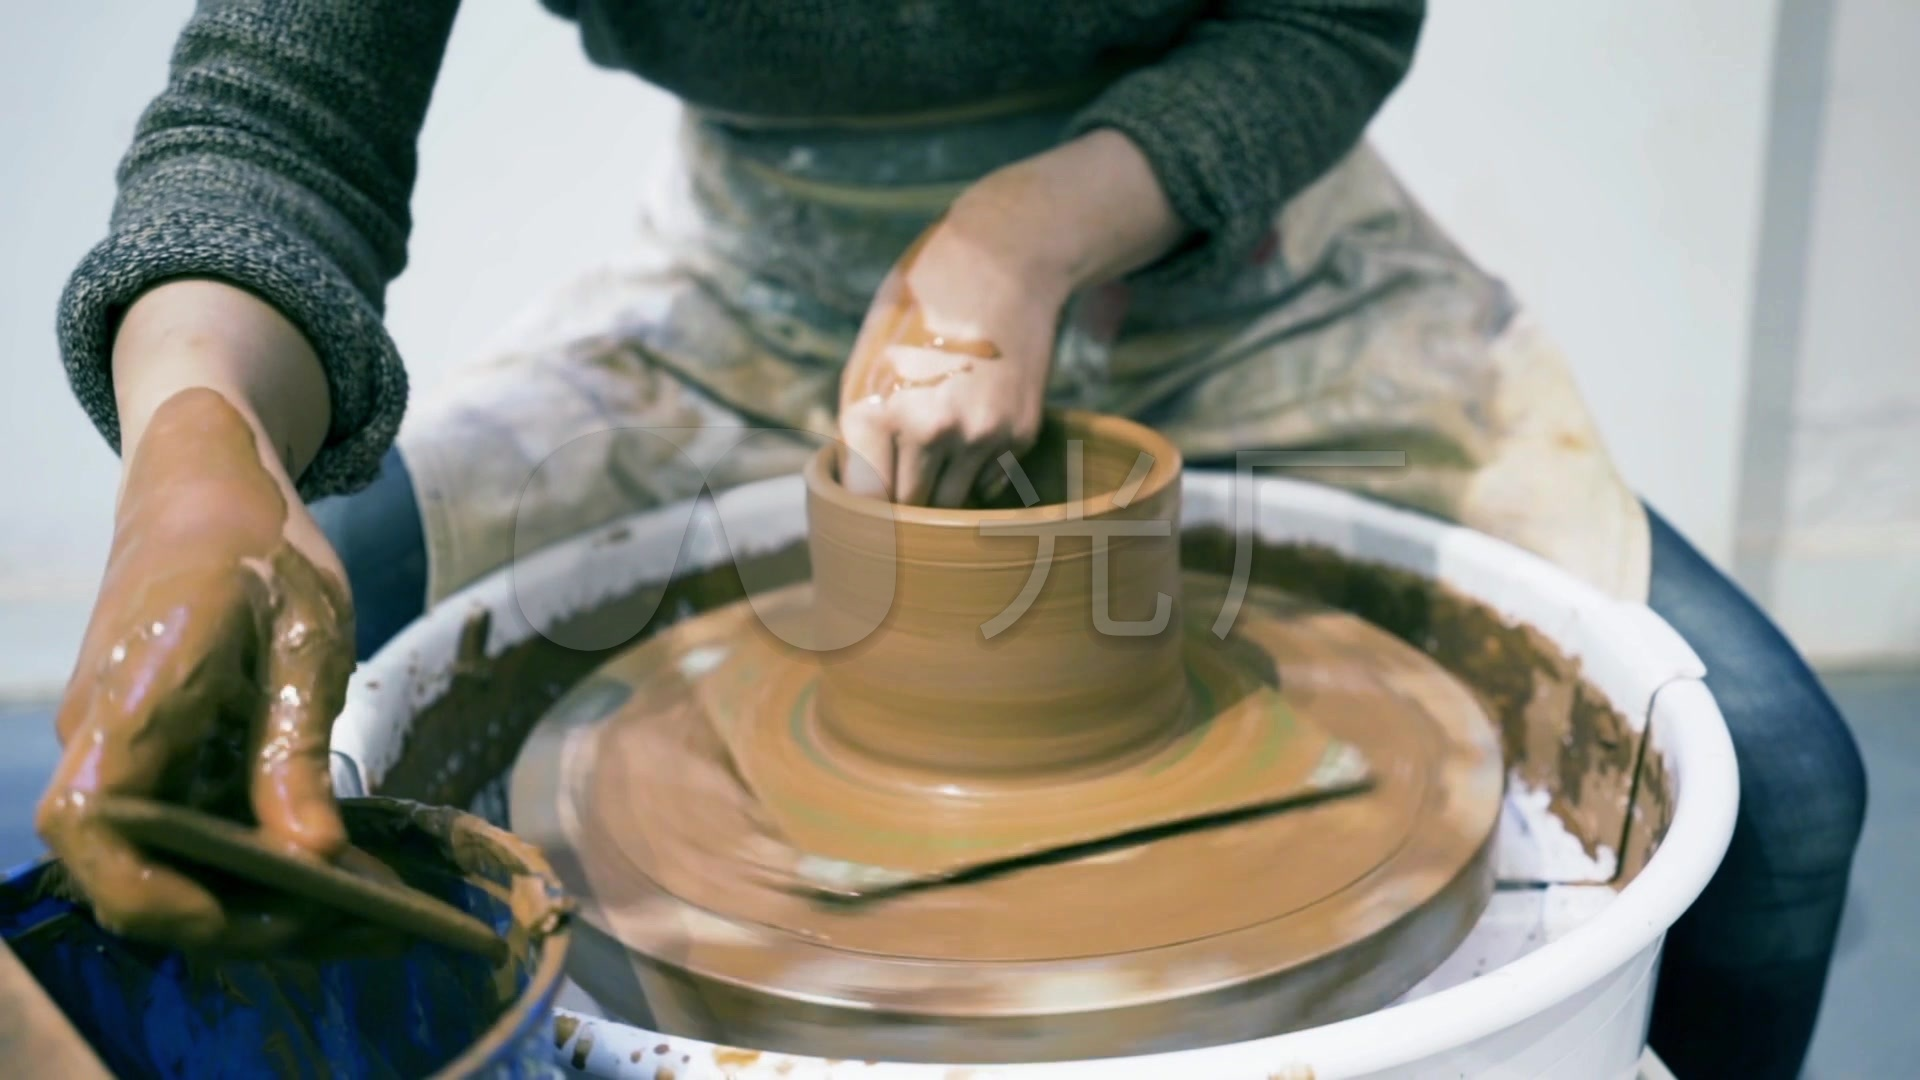 手工陶瓷_手工陶瓷制作过程